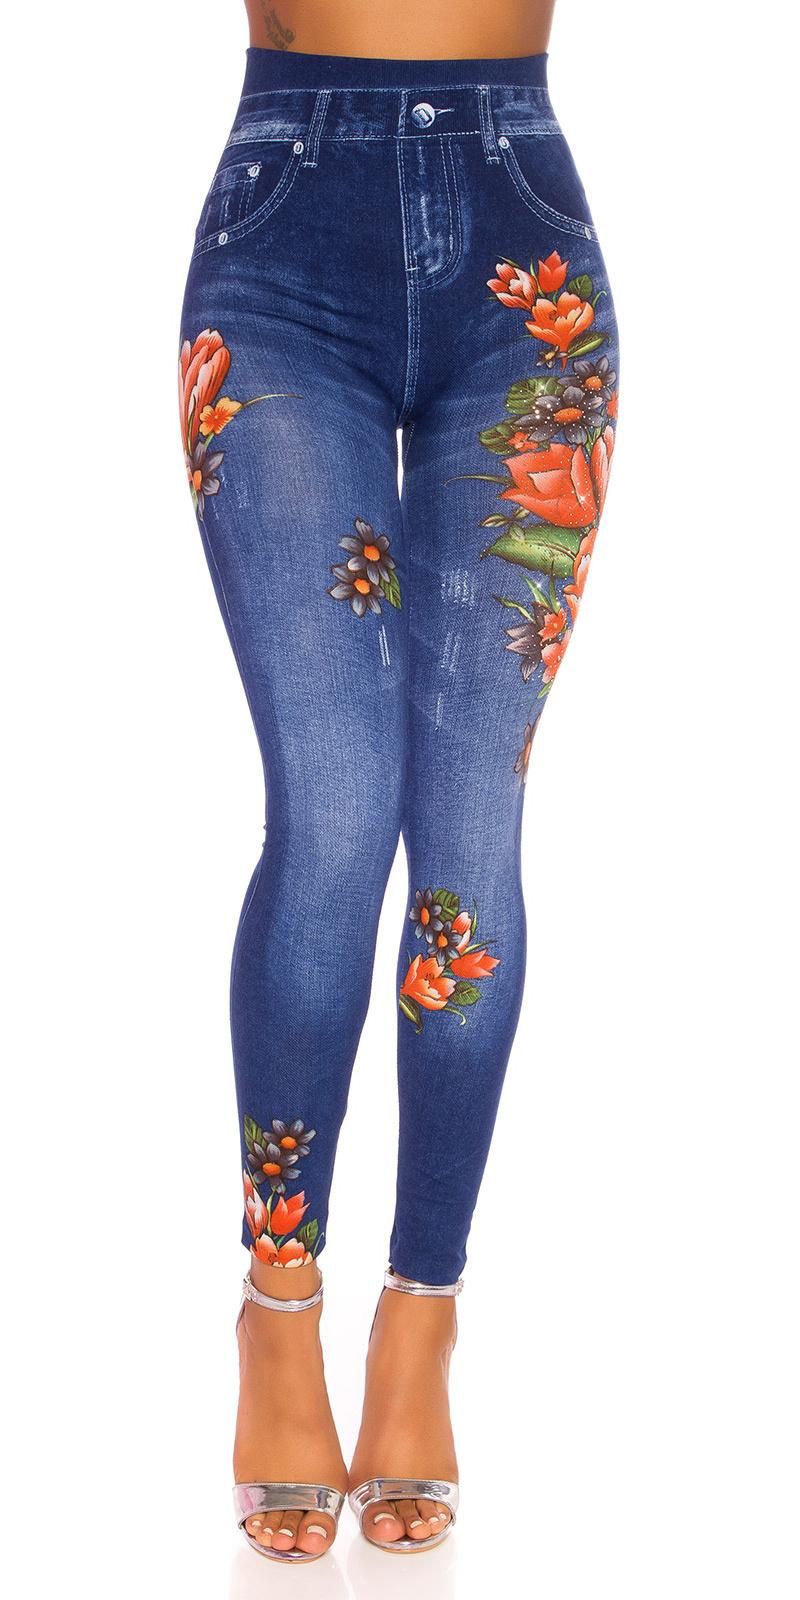 Sexy hoge taille jeggings met bloemen-print blauw